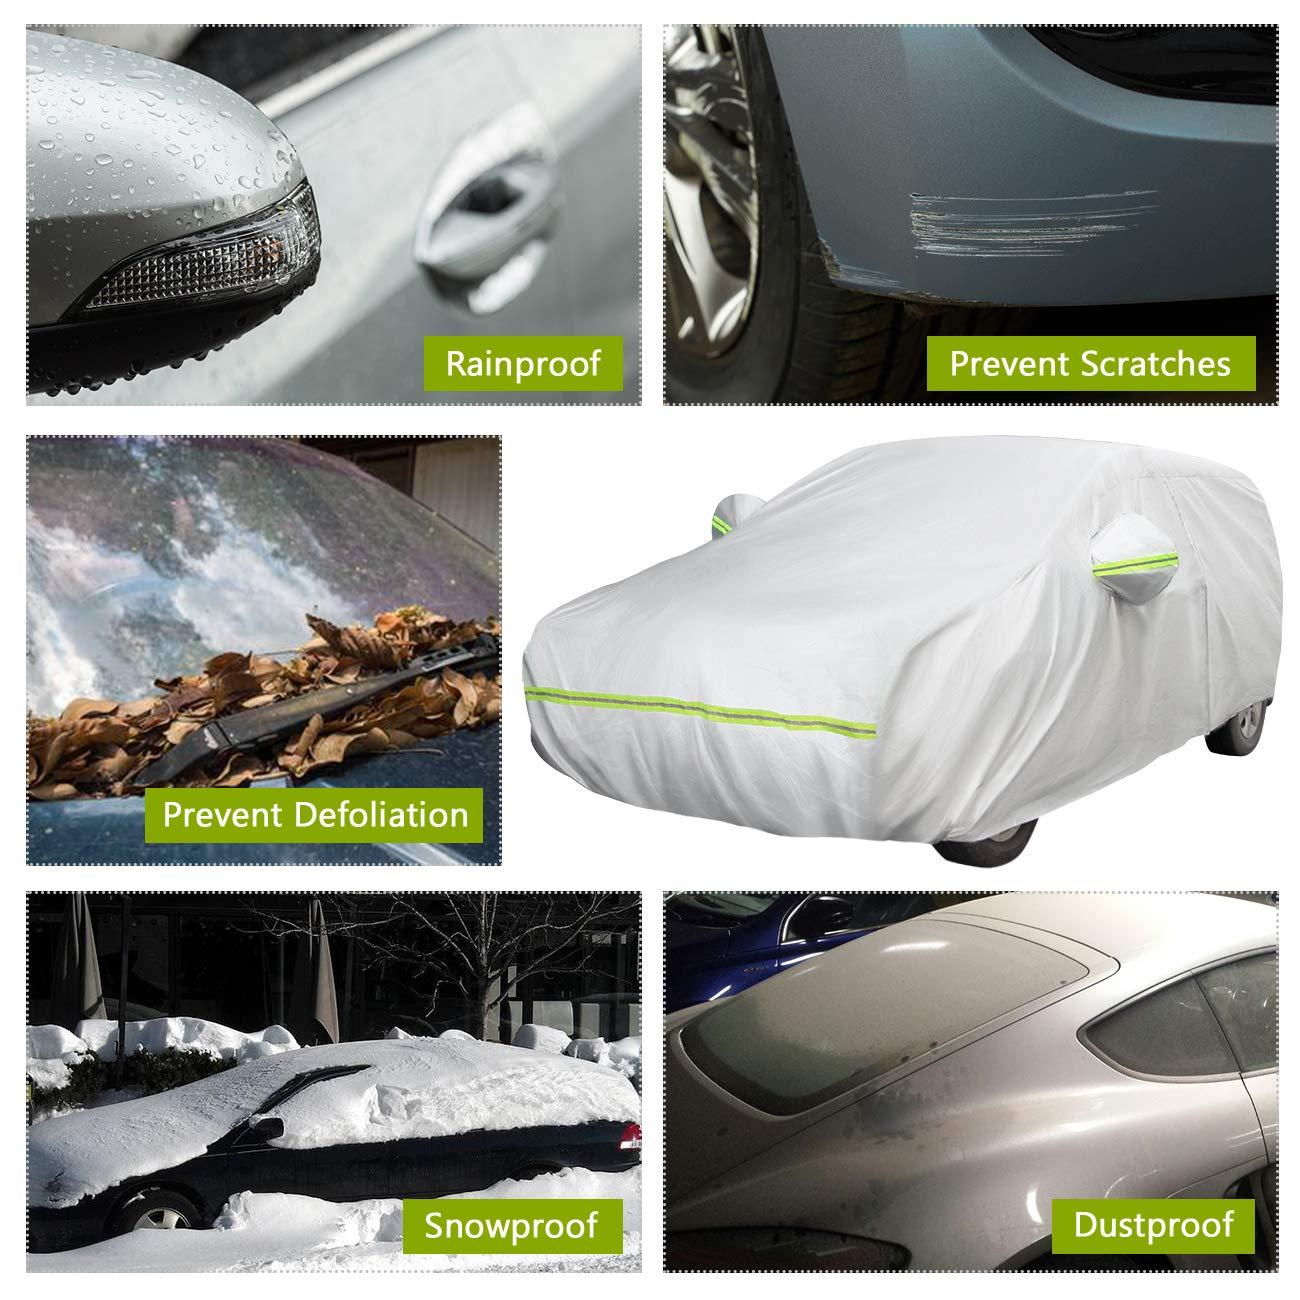 Favoto Cubierta de Coche Impermeable Funda de Coche Exterior Oxford+Algod/ón con Cremallera para Hatchback Anti-UV Transpirable Resistente al Polvo Lluvia Rasgu/ño Nieve al Aire Libre 435x150x130cm